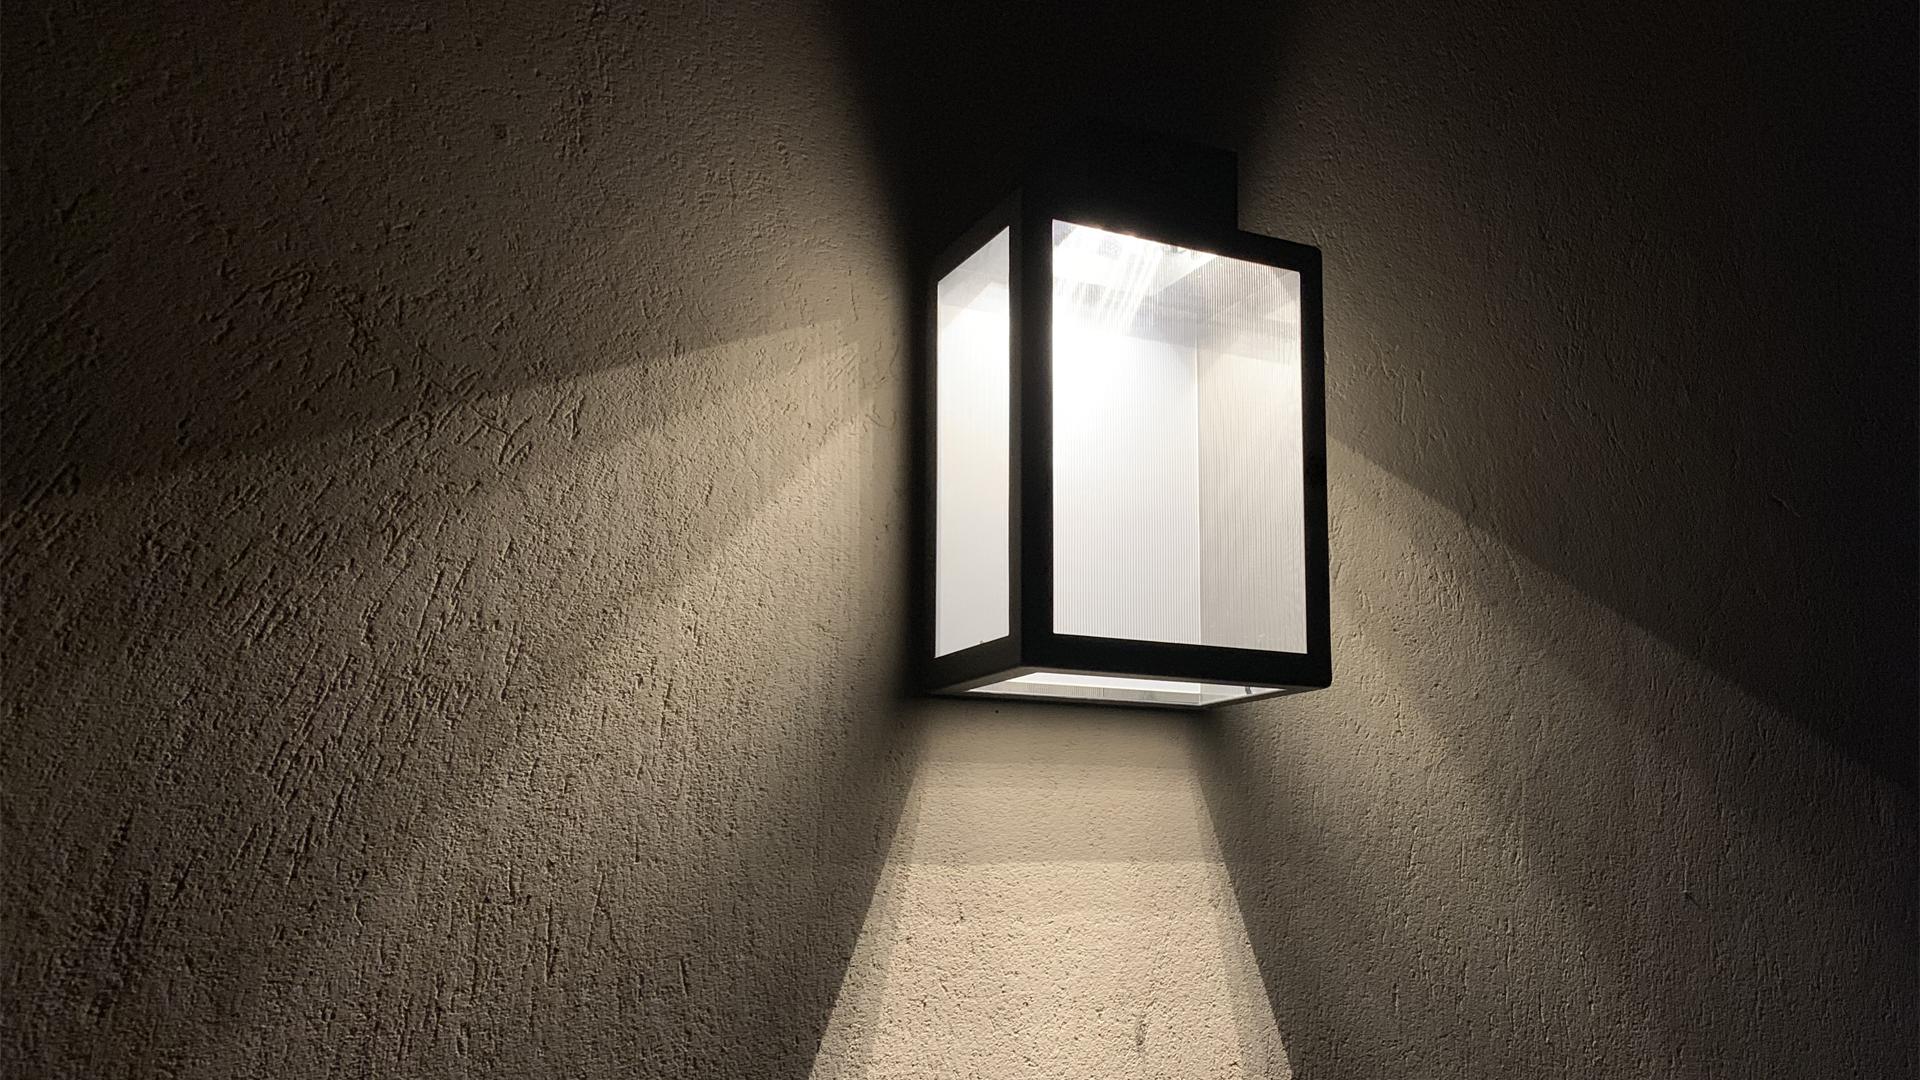 L'applique extérieure solaire APS 030 LYX Luminaires est fabriquée en acier rouille Corten. Cette applique extérieure solaire puissante est équipée d'un capteur solaire performant. Cette lampe extérieure murale solaire fait partie avec les appliques murales LED basse consommation LYX Luminaires de la vaste collection d' appliques murales extérieures LYX Luminaires. L'applique murale design APS 030 est idéale pour l'éclairage de piliers, l'éclairage de portail, l'éclairage de façade, l'éclairage d'entrée, l'éclairage de terrasses, l'éclairage de balcons. Une applique extérieure solaire design pour un éclairage mural moderne et un éclairage mural puissant. / Lampe extérieure jardin pour un éclairage extérieur design. Version lampe solaire jardin ou lampe jardin LED. Cette lampe de jardin ou lampe terrasse est une lampe de jardin avec détecteur. Fabriquée en acier, la lampe jardin détecteur permet un éclairage solaire ou un éclairage LED puissant selon le modèle choisi. Découvrez la collection de luminaires extérieurs constituée de lampes solaires et lampes LED. Vaste collection d'appliques extérieures / appliques murales : applique murale extérieure solaire, applique murale LED, applique extérieure design. Les appliques extérieures murales sont de fabrication française. Lampe solaire idéale pour l'éclairage de terrasses, de jardin. Lampe solaire terrasse, lampe extérieure terrasse permettant un éclairage performant. La lampe extérieure est équipée d'un détecteur de présence. Le luminaire extérieur doté d'un détecteur de mouvement, éclaire au passage d'une personne d'une voiture. Lampe extérieure détecteur puissante et efficace, au design épuré et moderne. Cette applique extérieure fait partie de la vaste collection d'appliques murales extérieures composée d'appliques murales LED et appliques murales solaires. Lampe murale LED fabriquée en acier comme toutes nos lampes murales (lampe murale LED et lampe solaire murale). Cette lampe murale extérieure diffuse un éclairag